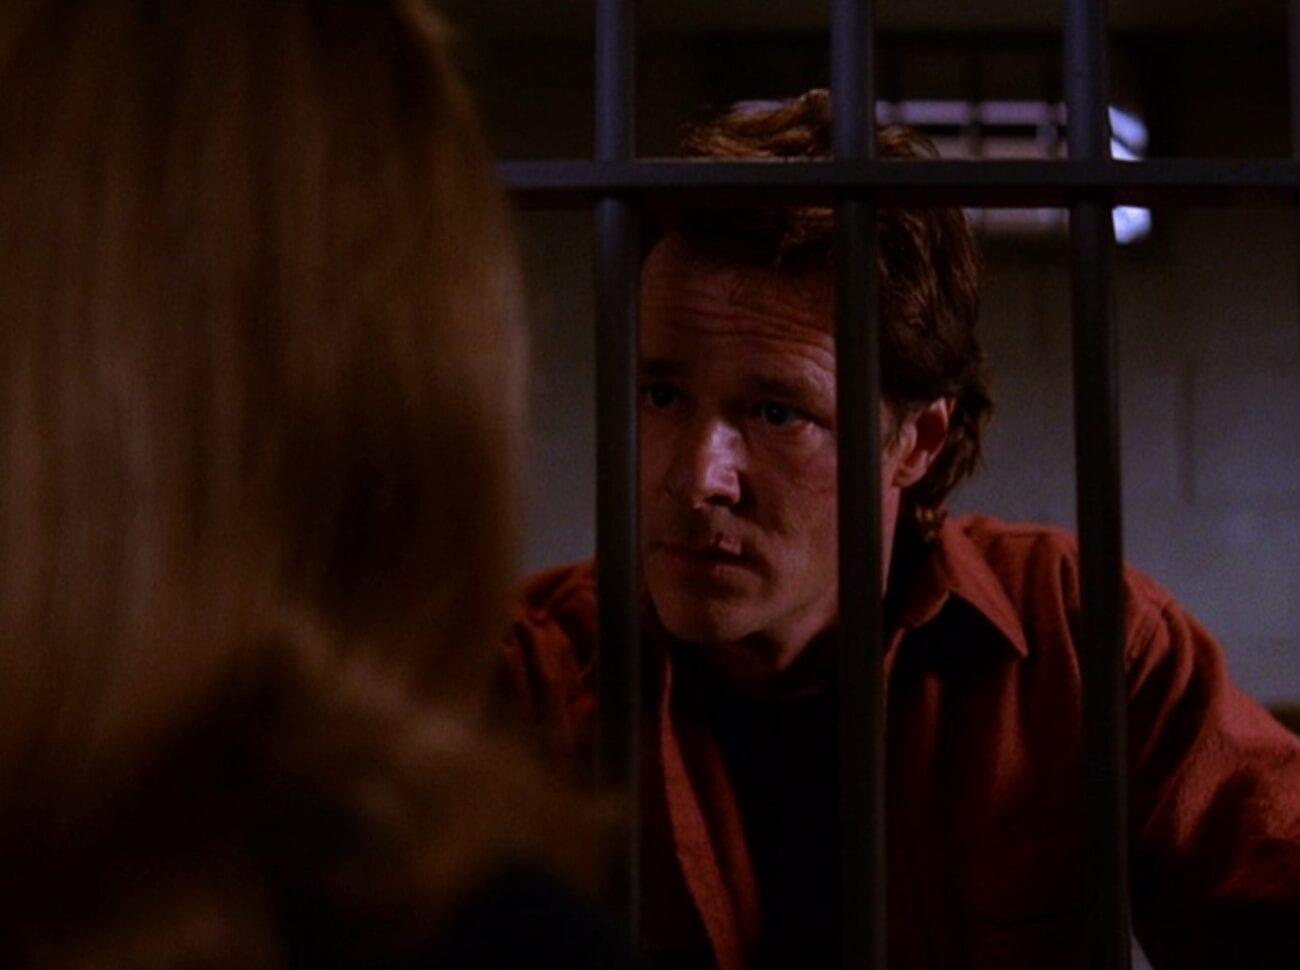 Hank Jennings in jail, pleading with Norma in Twin Peaks